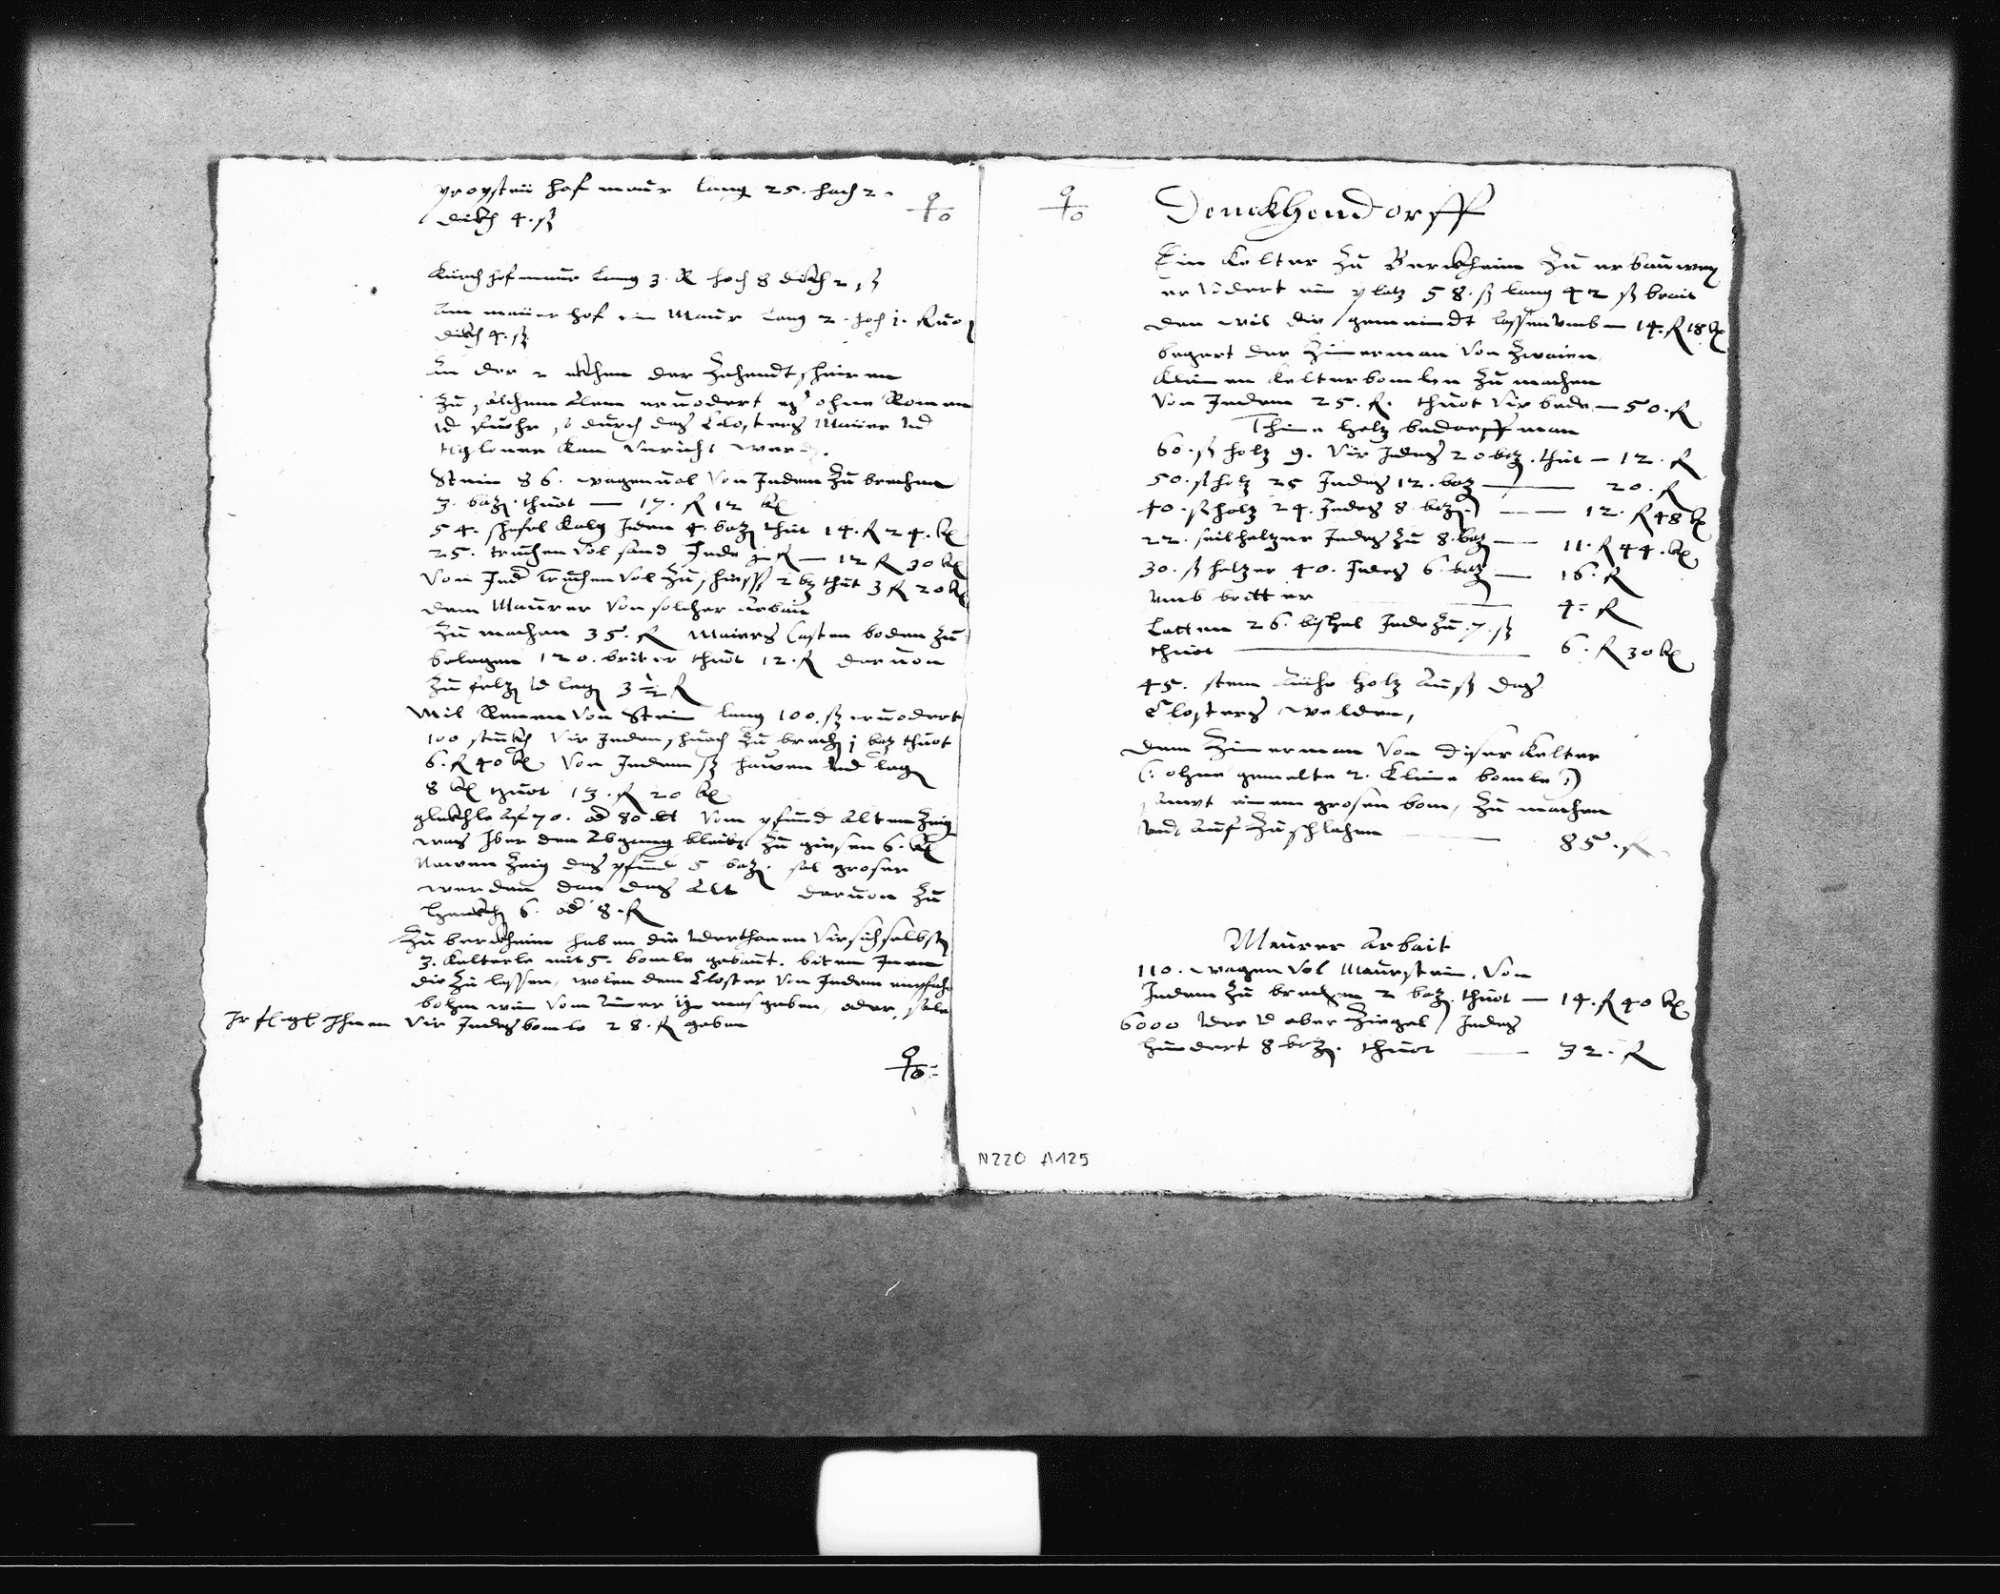 """Auszug aus dem Baubericht des Verwalters für den Zeitraum von Martini 1609 bis 1610 über eine neue Empore (""""bohrkürch"""") in der Denkendorfer Klosterkirche und eine Kelter in Berkheim, 10. November 1609 (2 Folio), Bild 2"""